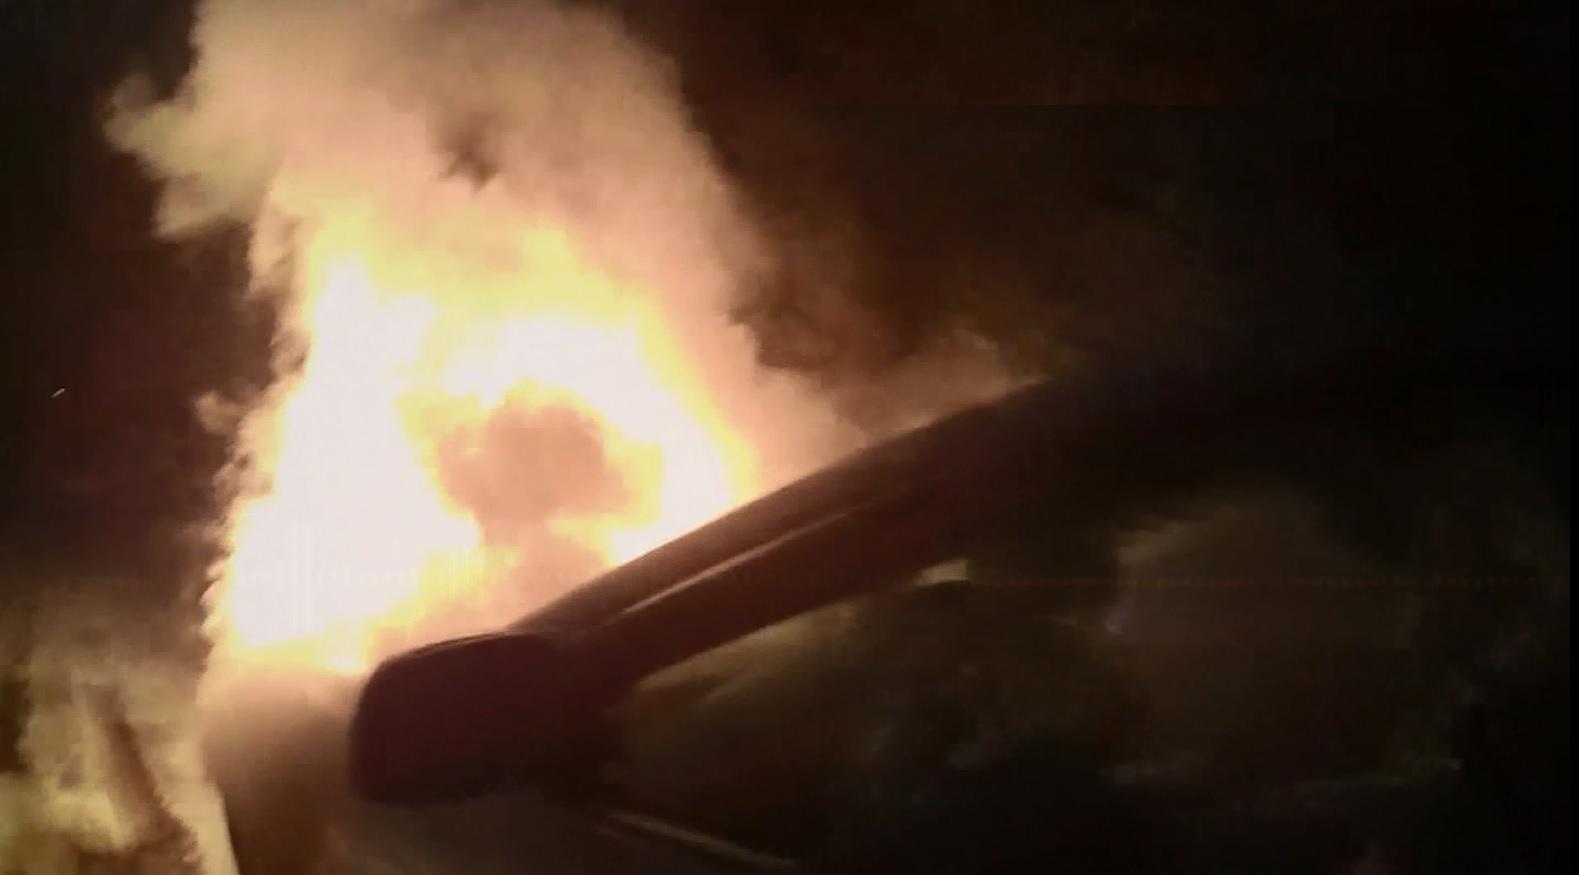 Car on fire in Spokane, Washington_225828